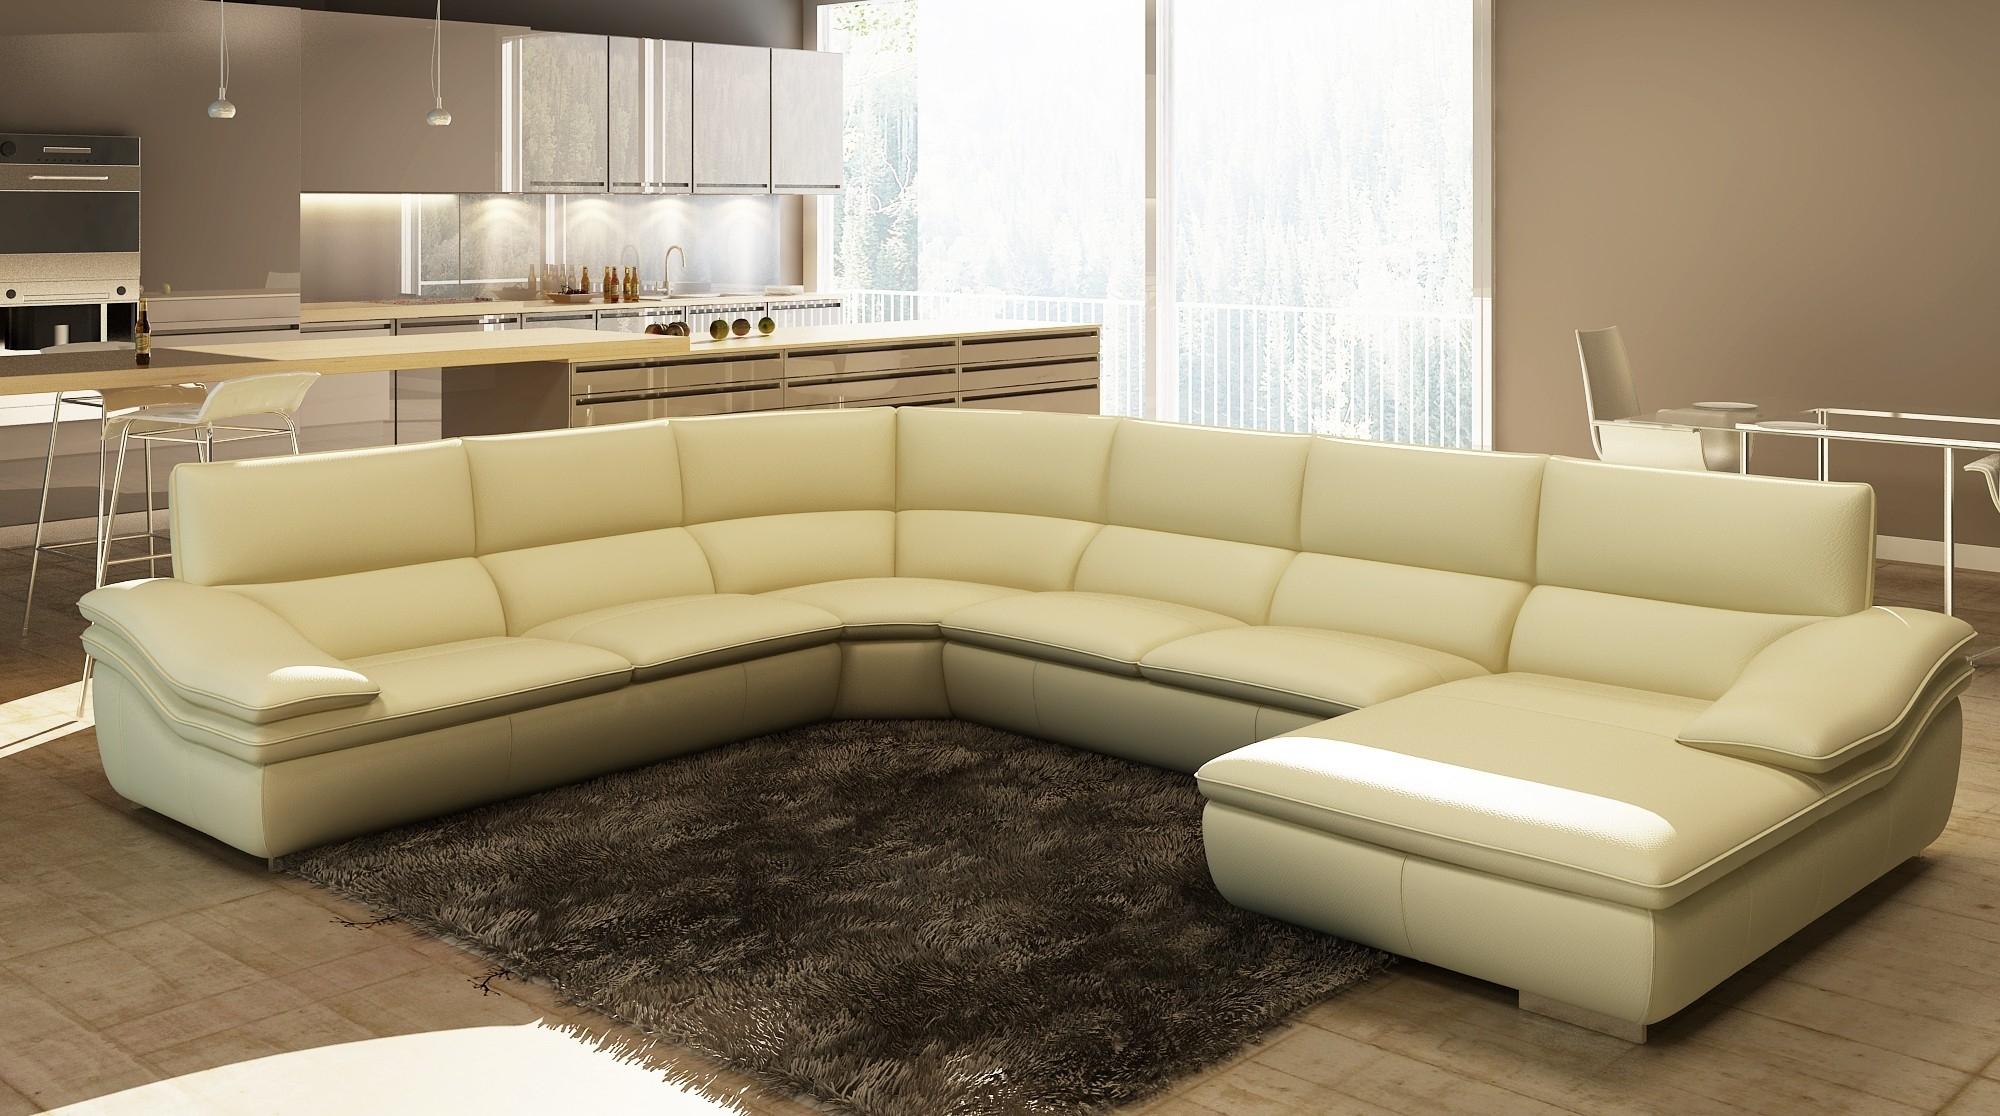 Sofa Realer Set Genuine Sofas South Africa Centerfieldbar Com Within Gta Sectional Sofas (View 5 of 10)